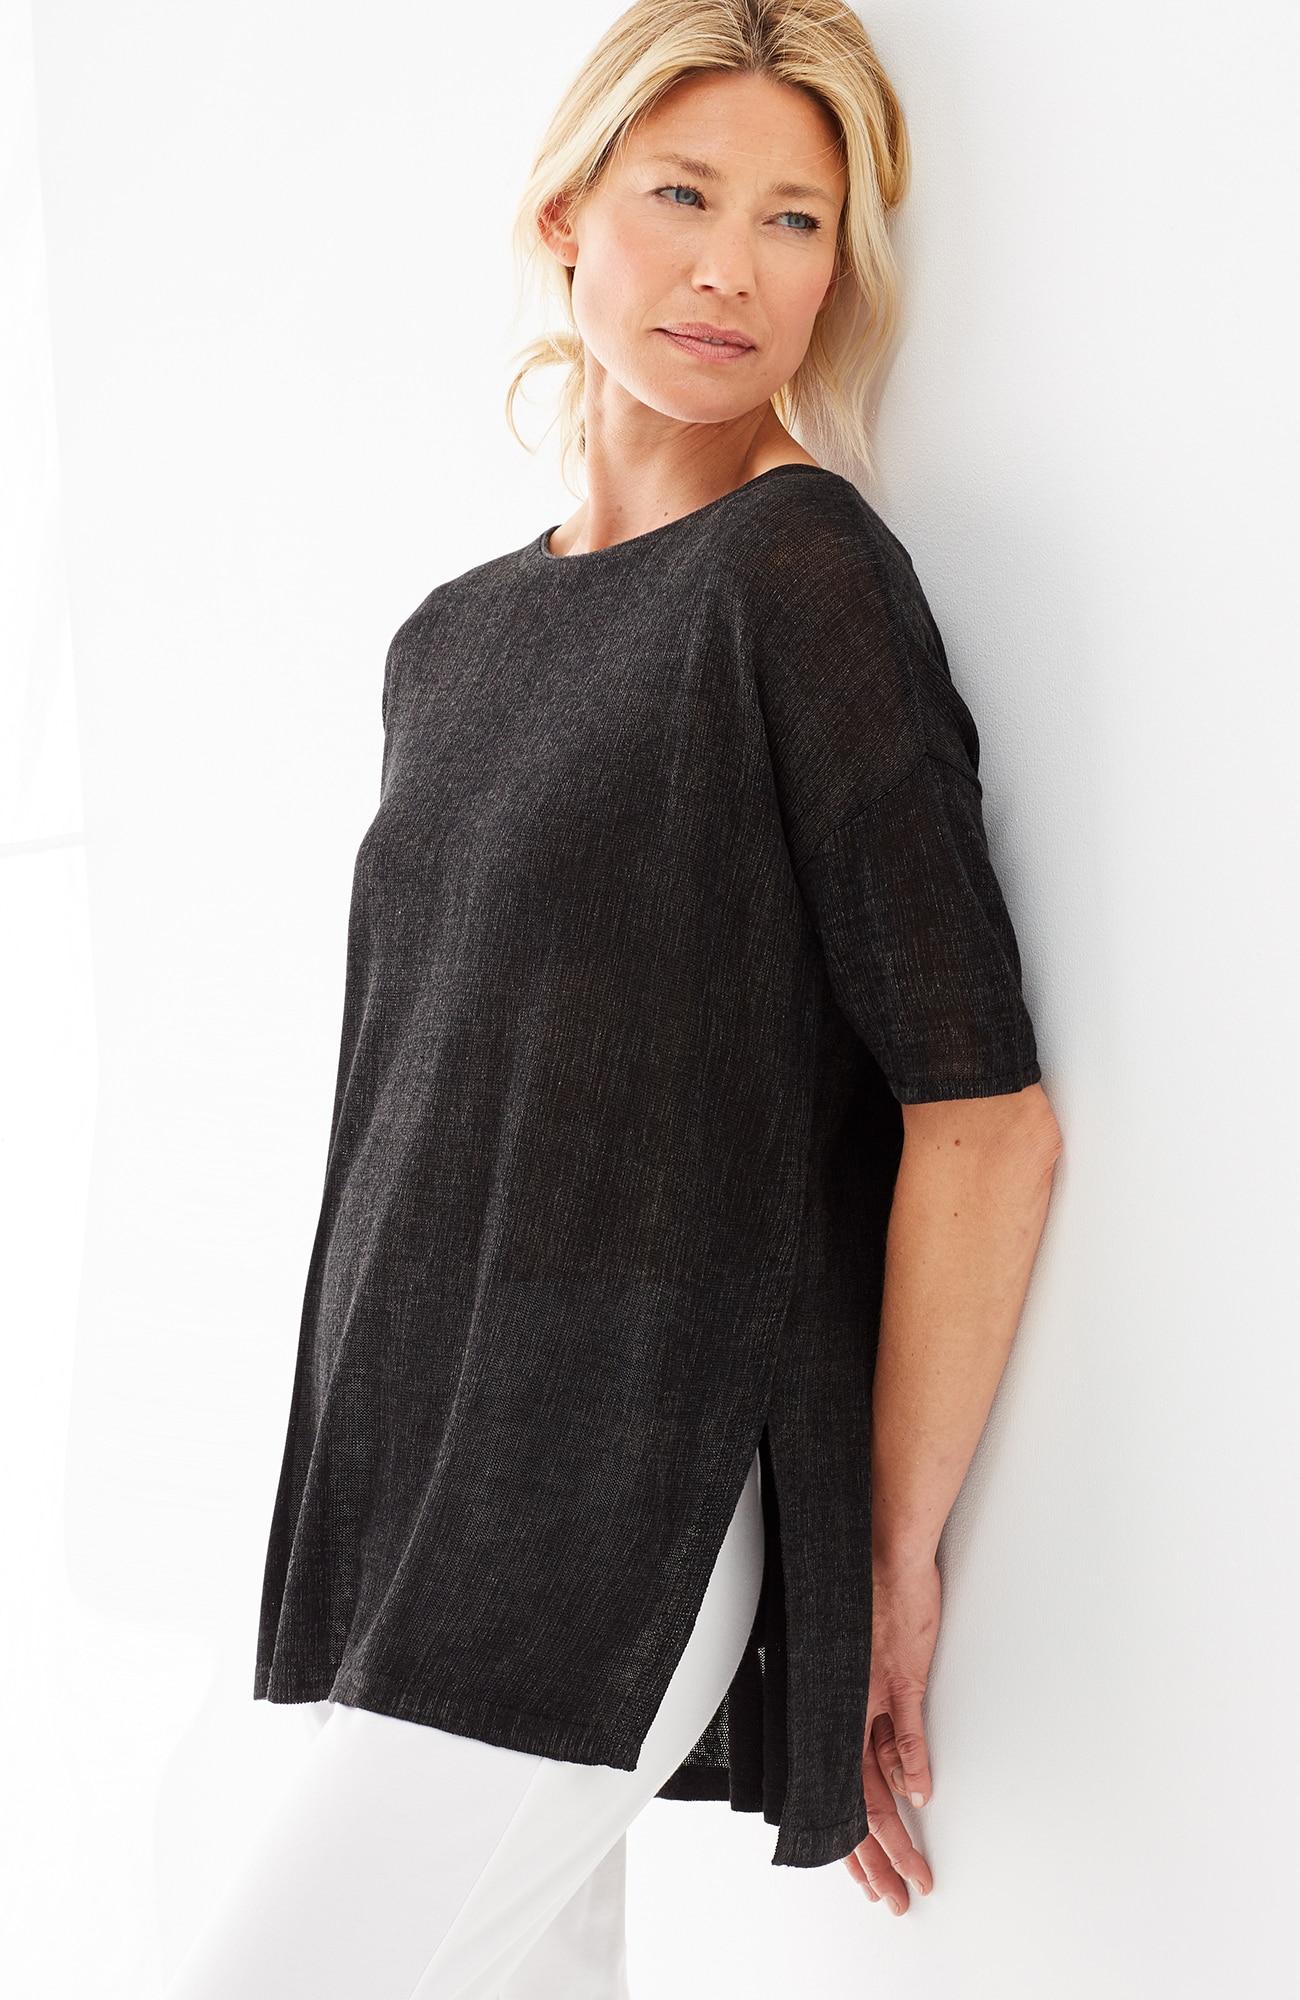 Pure Jill lightweight pullover